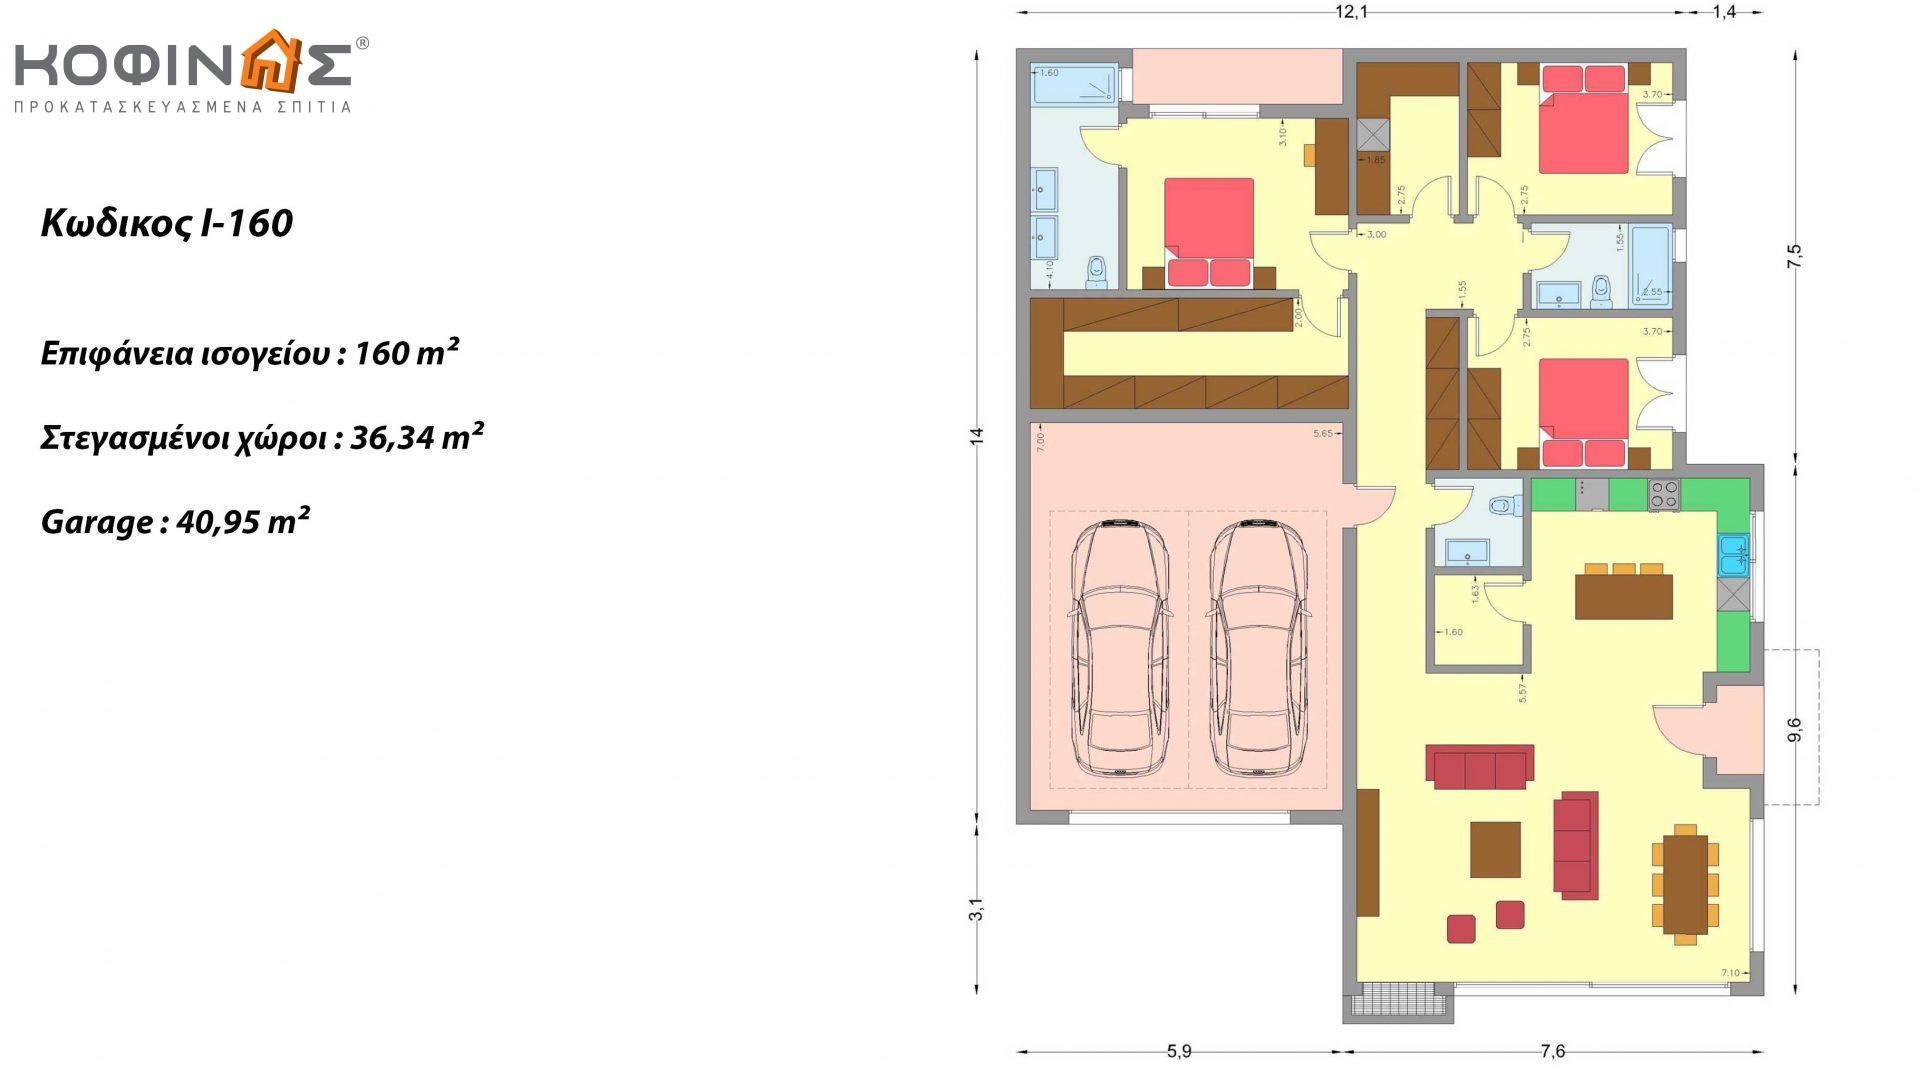 Ισόγεια Κατοικία I-160, συνολικής επιφάνειας 160 τ.μ., +Γκαράζ 40.95(=200.95 m²), στεγασμένοι χώροι 36,34 τ.μ.